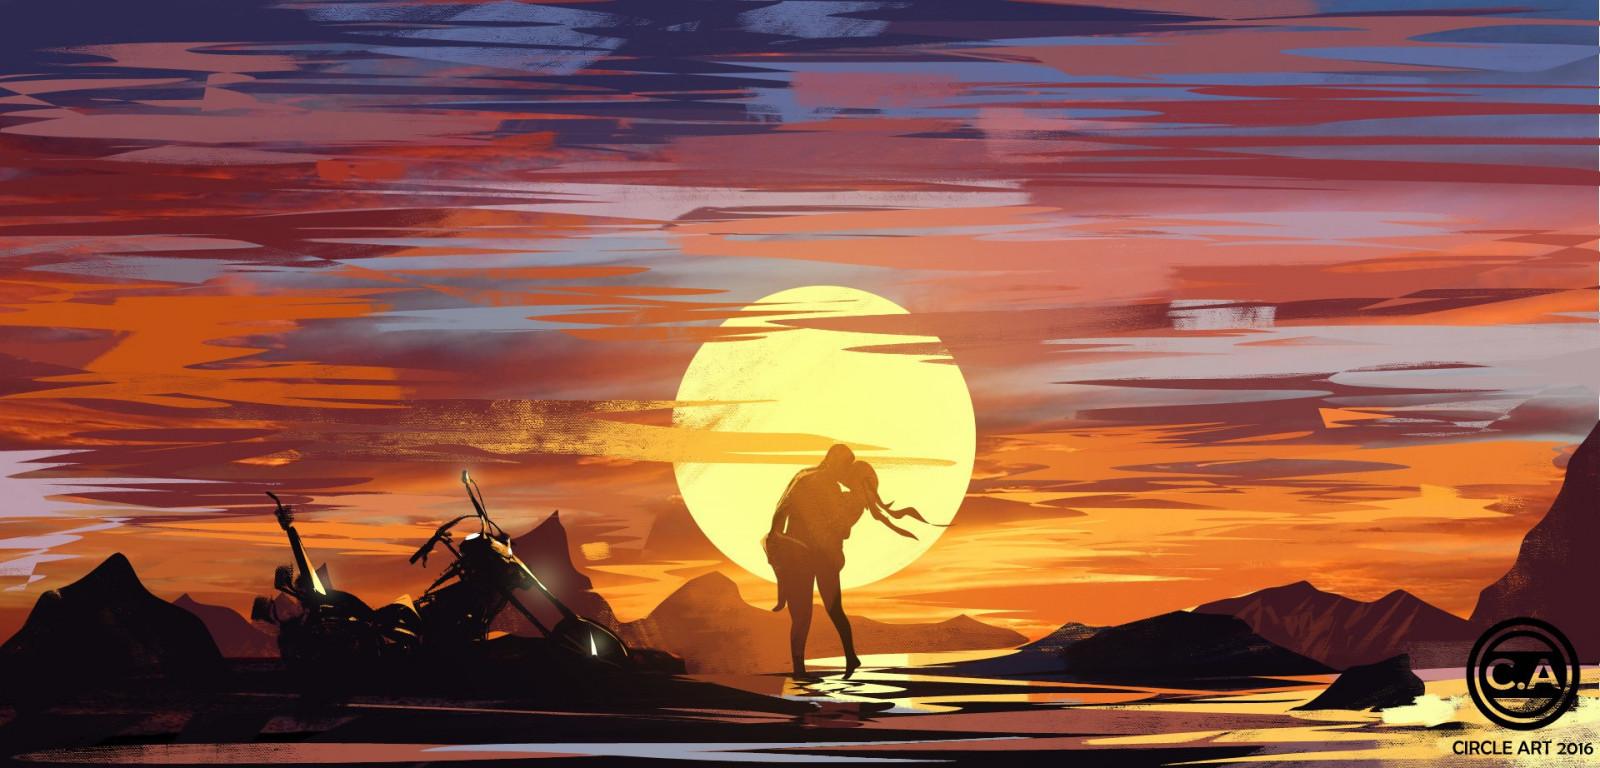 Masaustu Boyama Illustrasyon Gun Batimi Resim Siluet